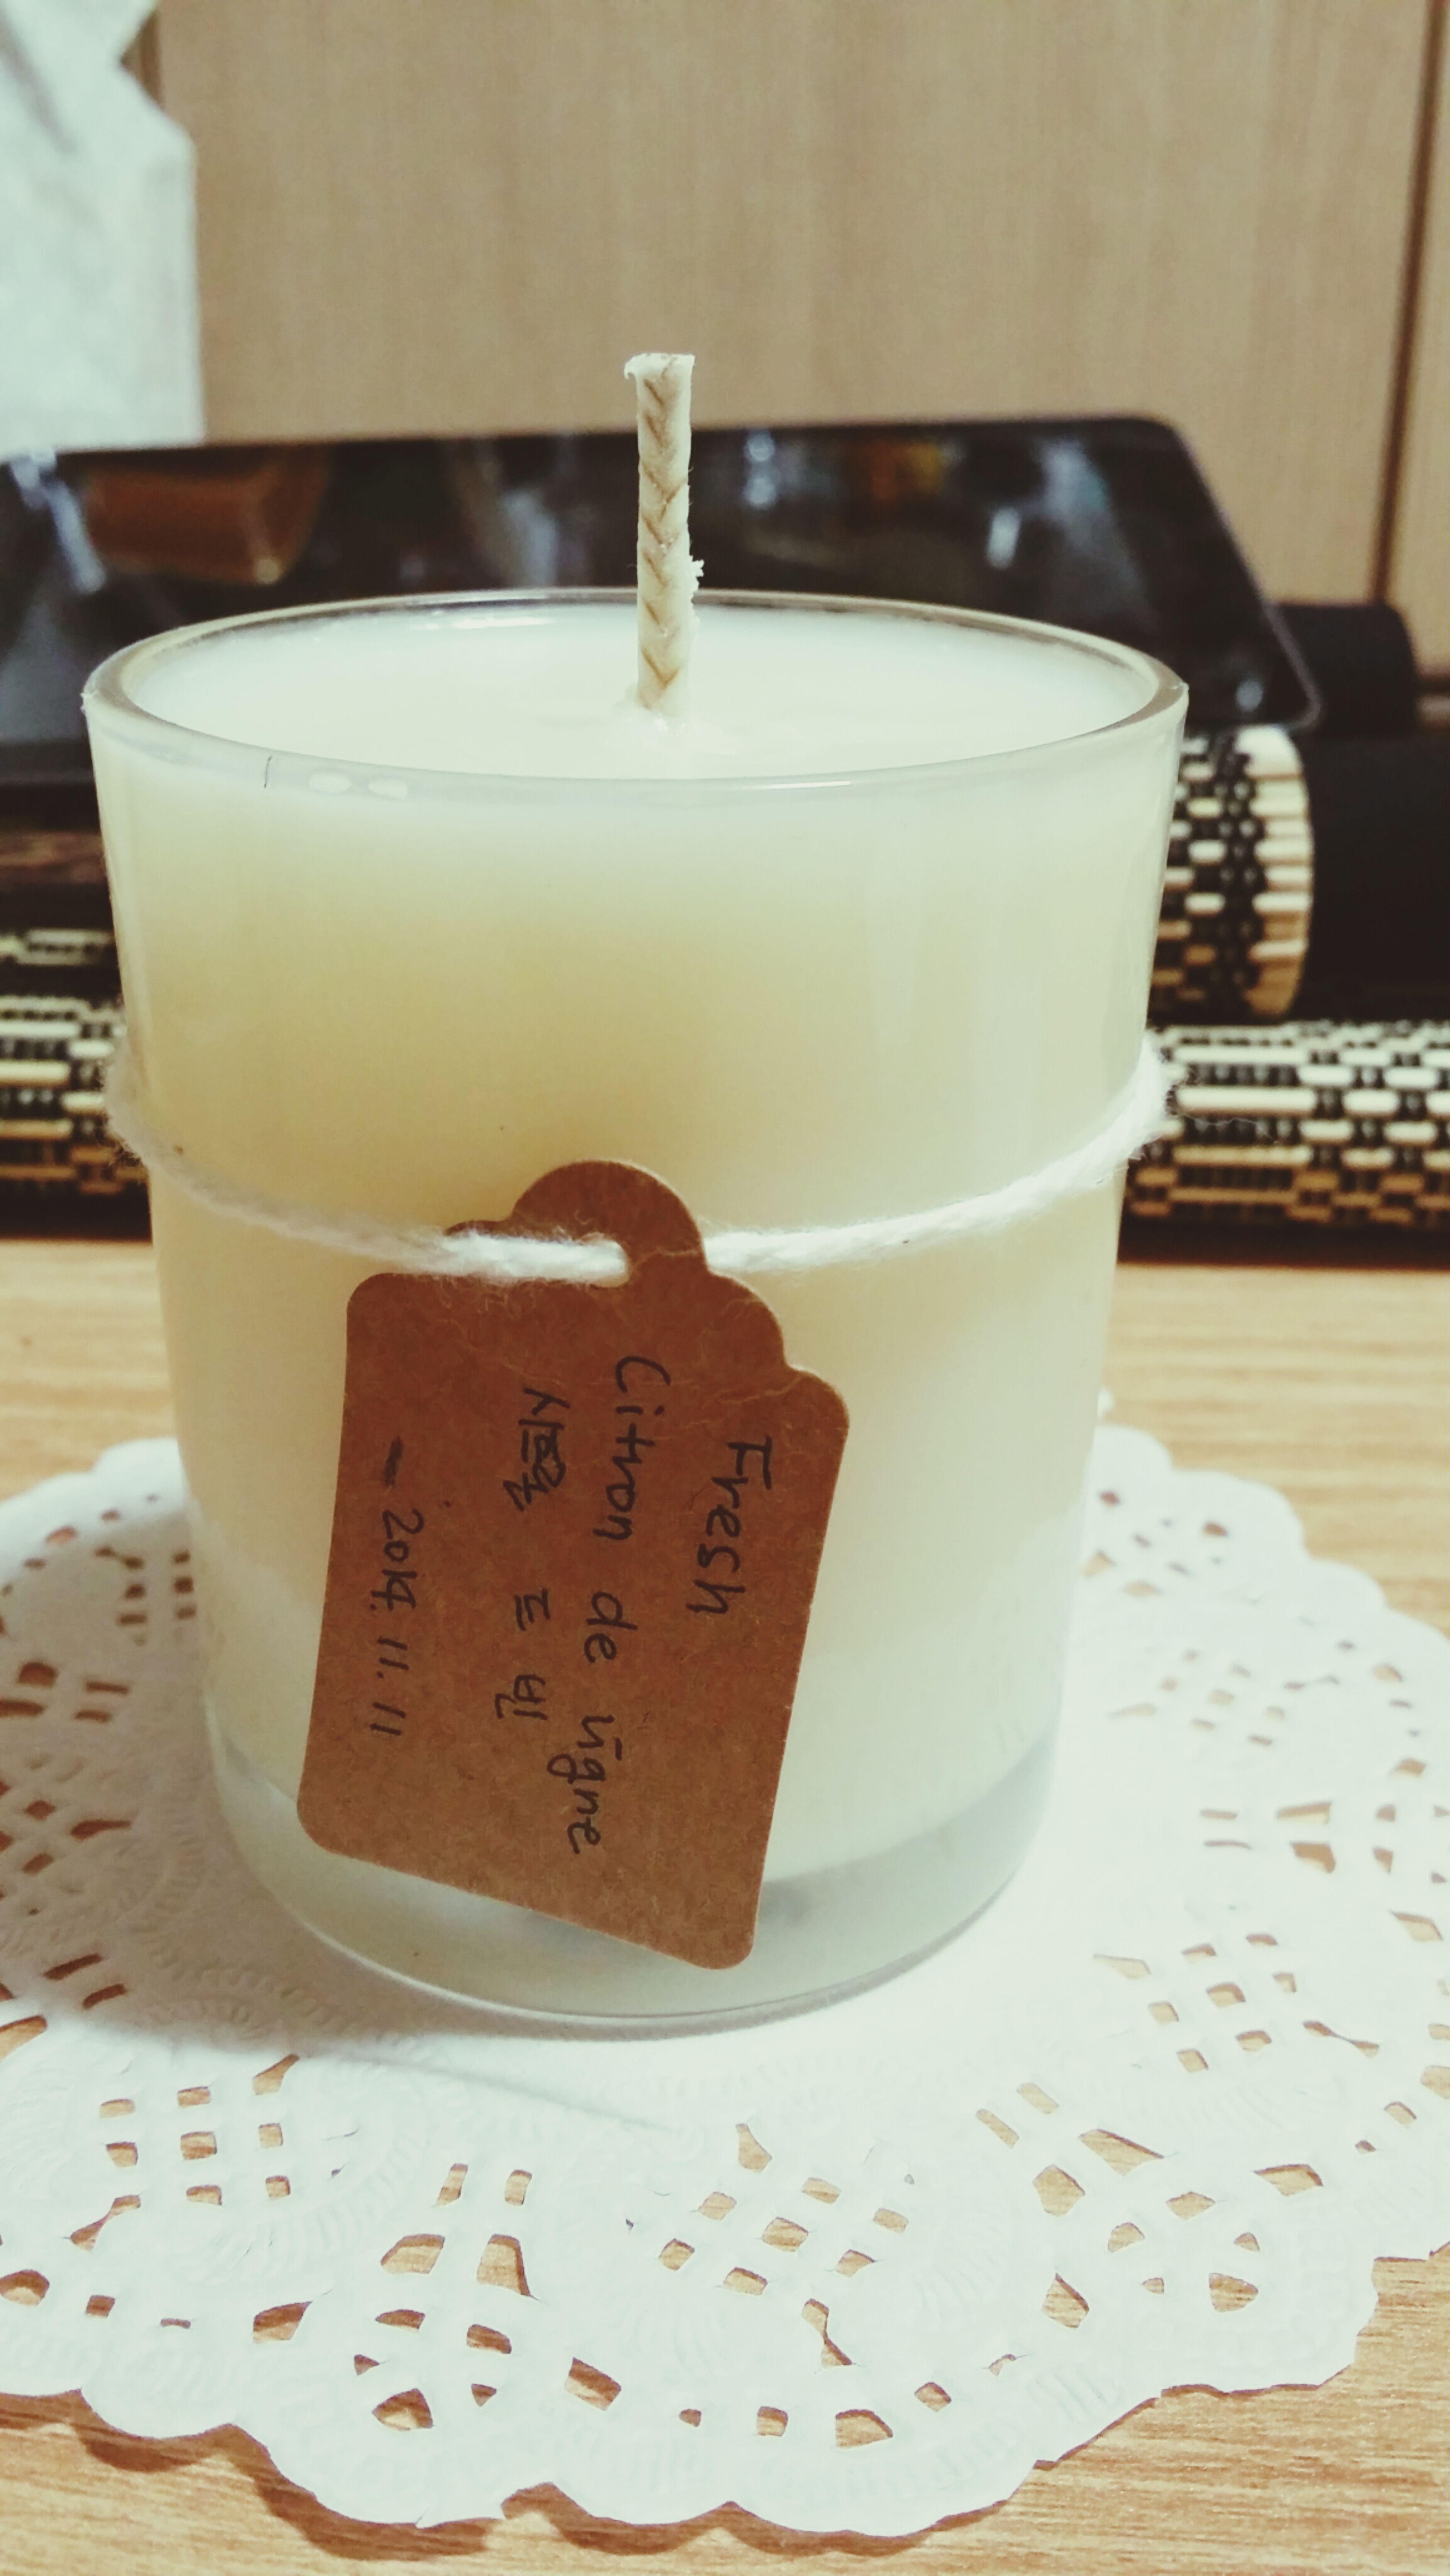 Candles sented candle Citron De Vigne